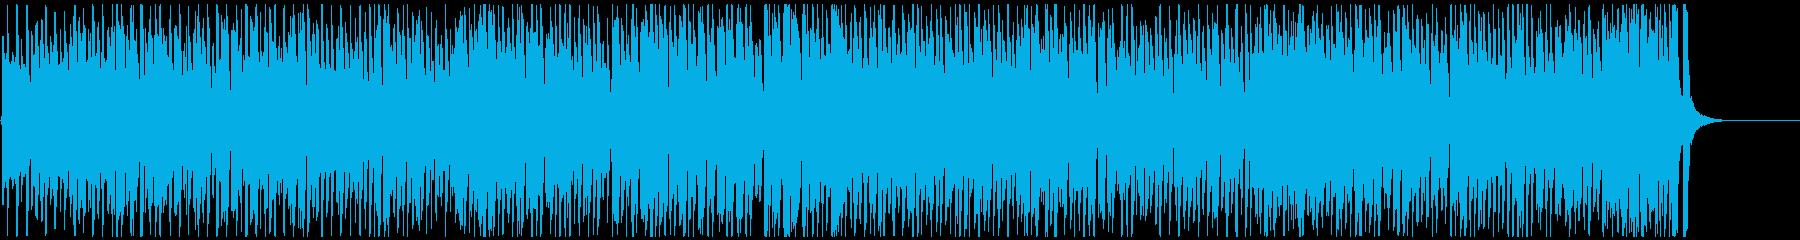 カートゥーンっぽいどたばたコミカルBGMの再生済みの波形